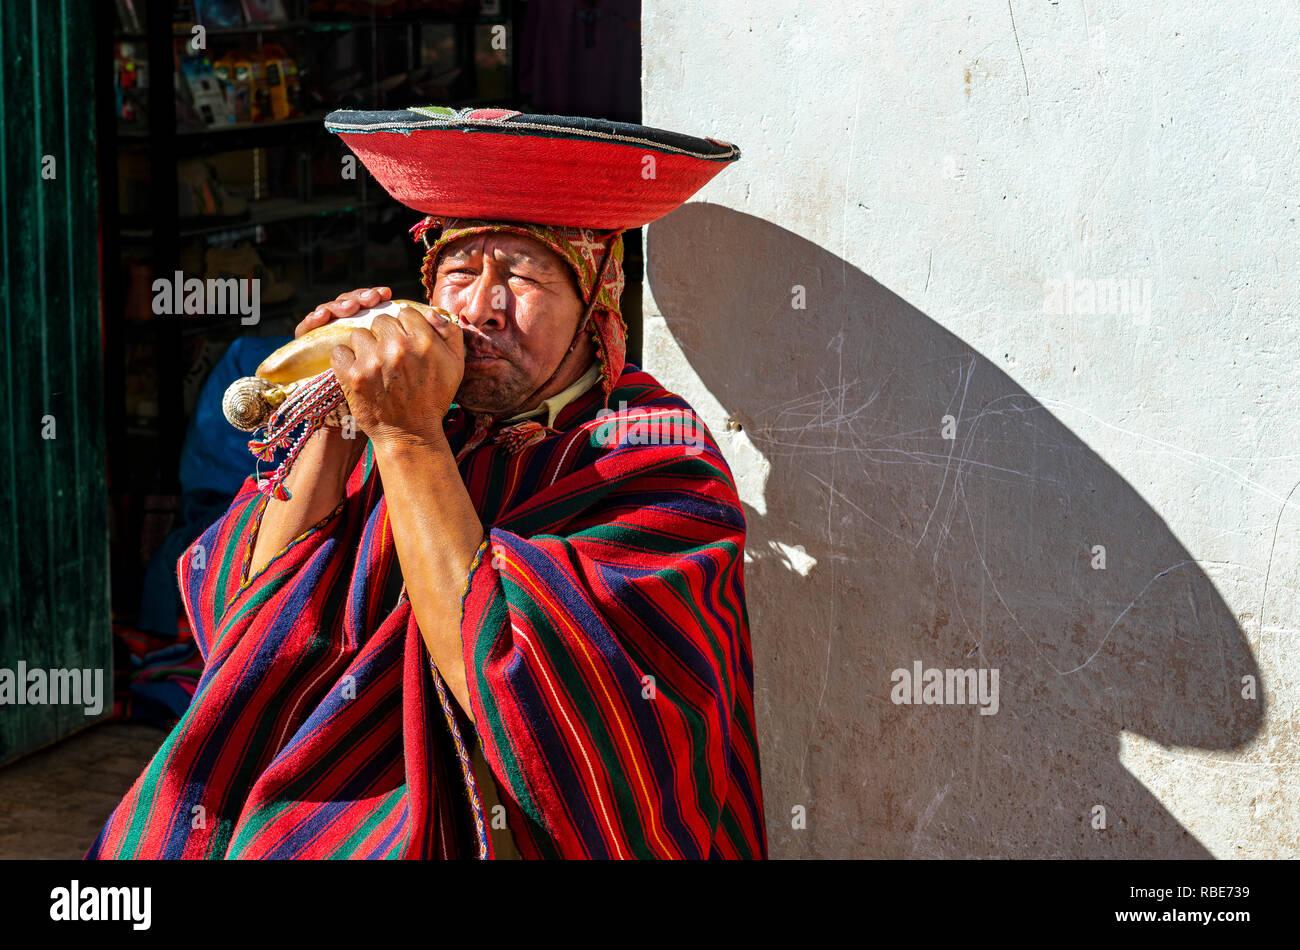 Retrato de un soplador de cuerno quechua peruana con sus ropas tradicionales 3af9d3dd185